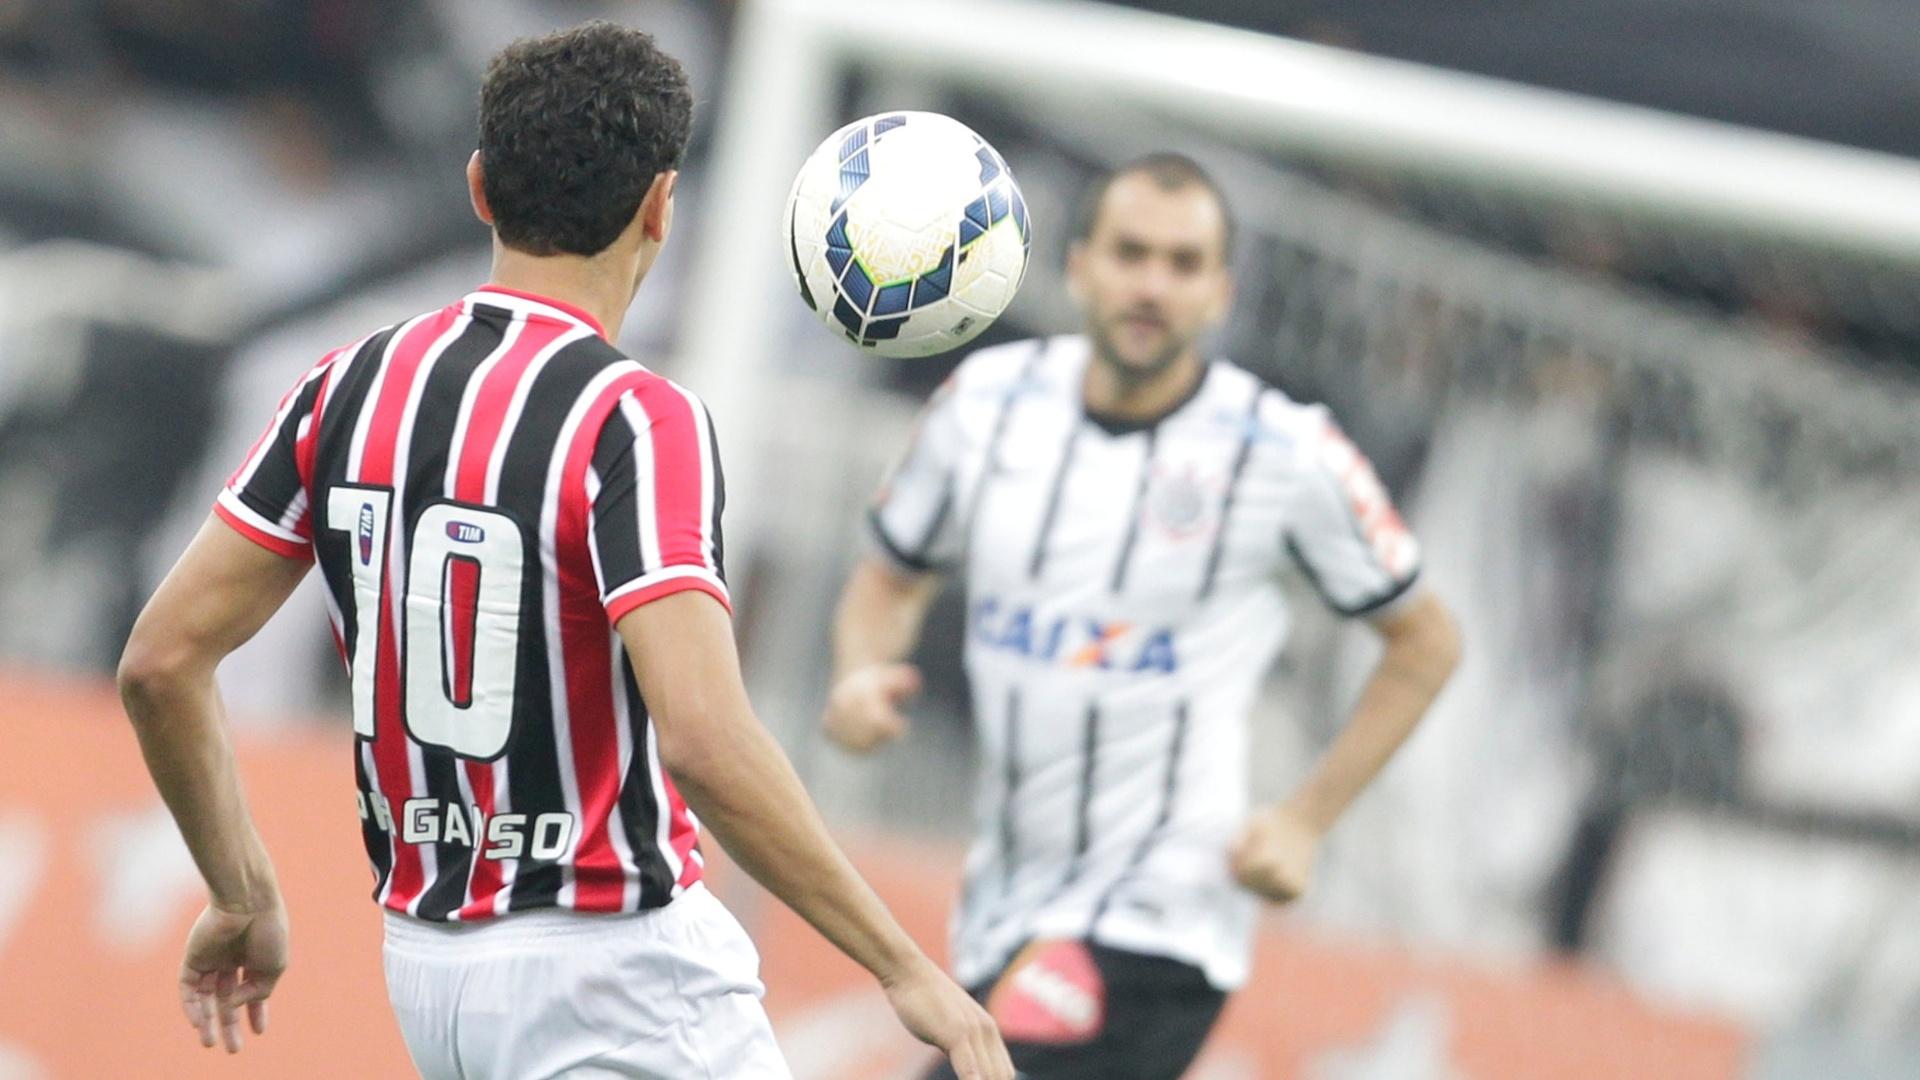 Paulo Henrique Ganso domina a bola enquanto é observado por Danilo no duelo entre Corinthians e São Paulo